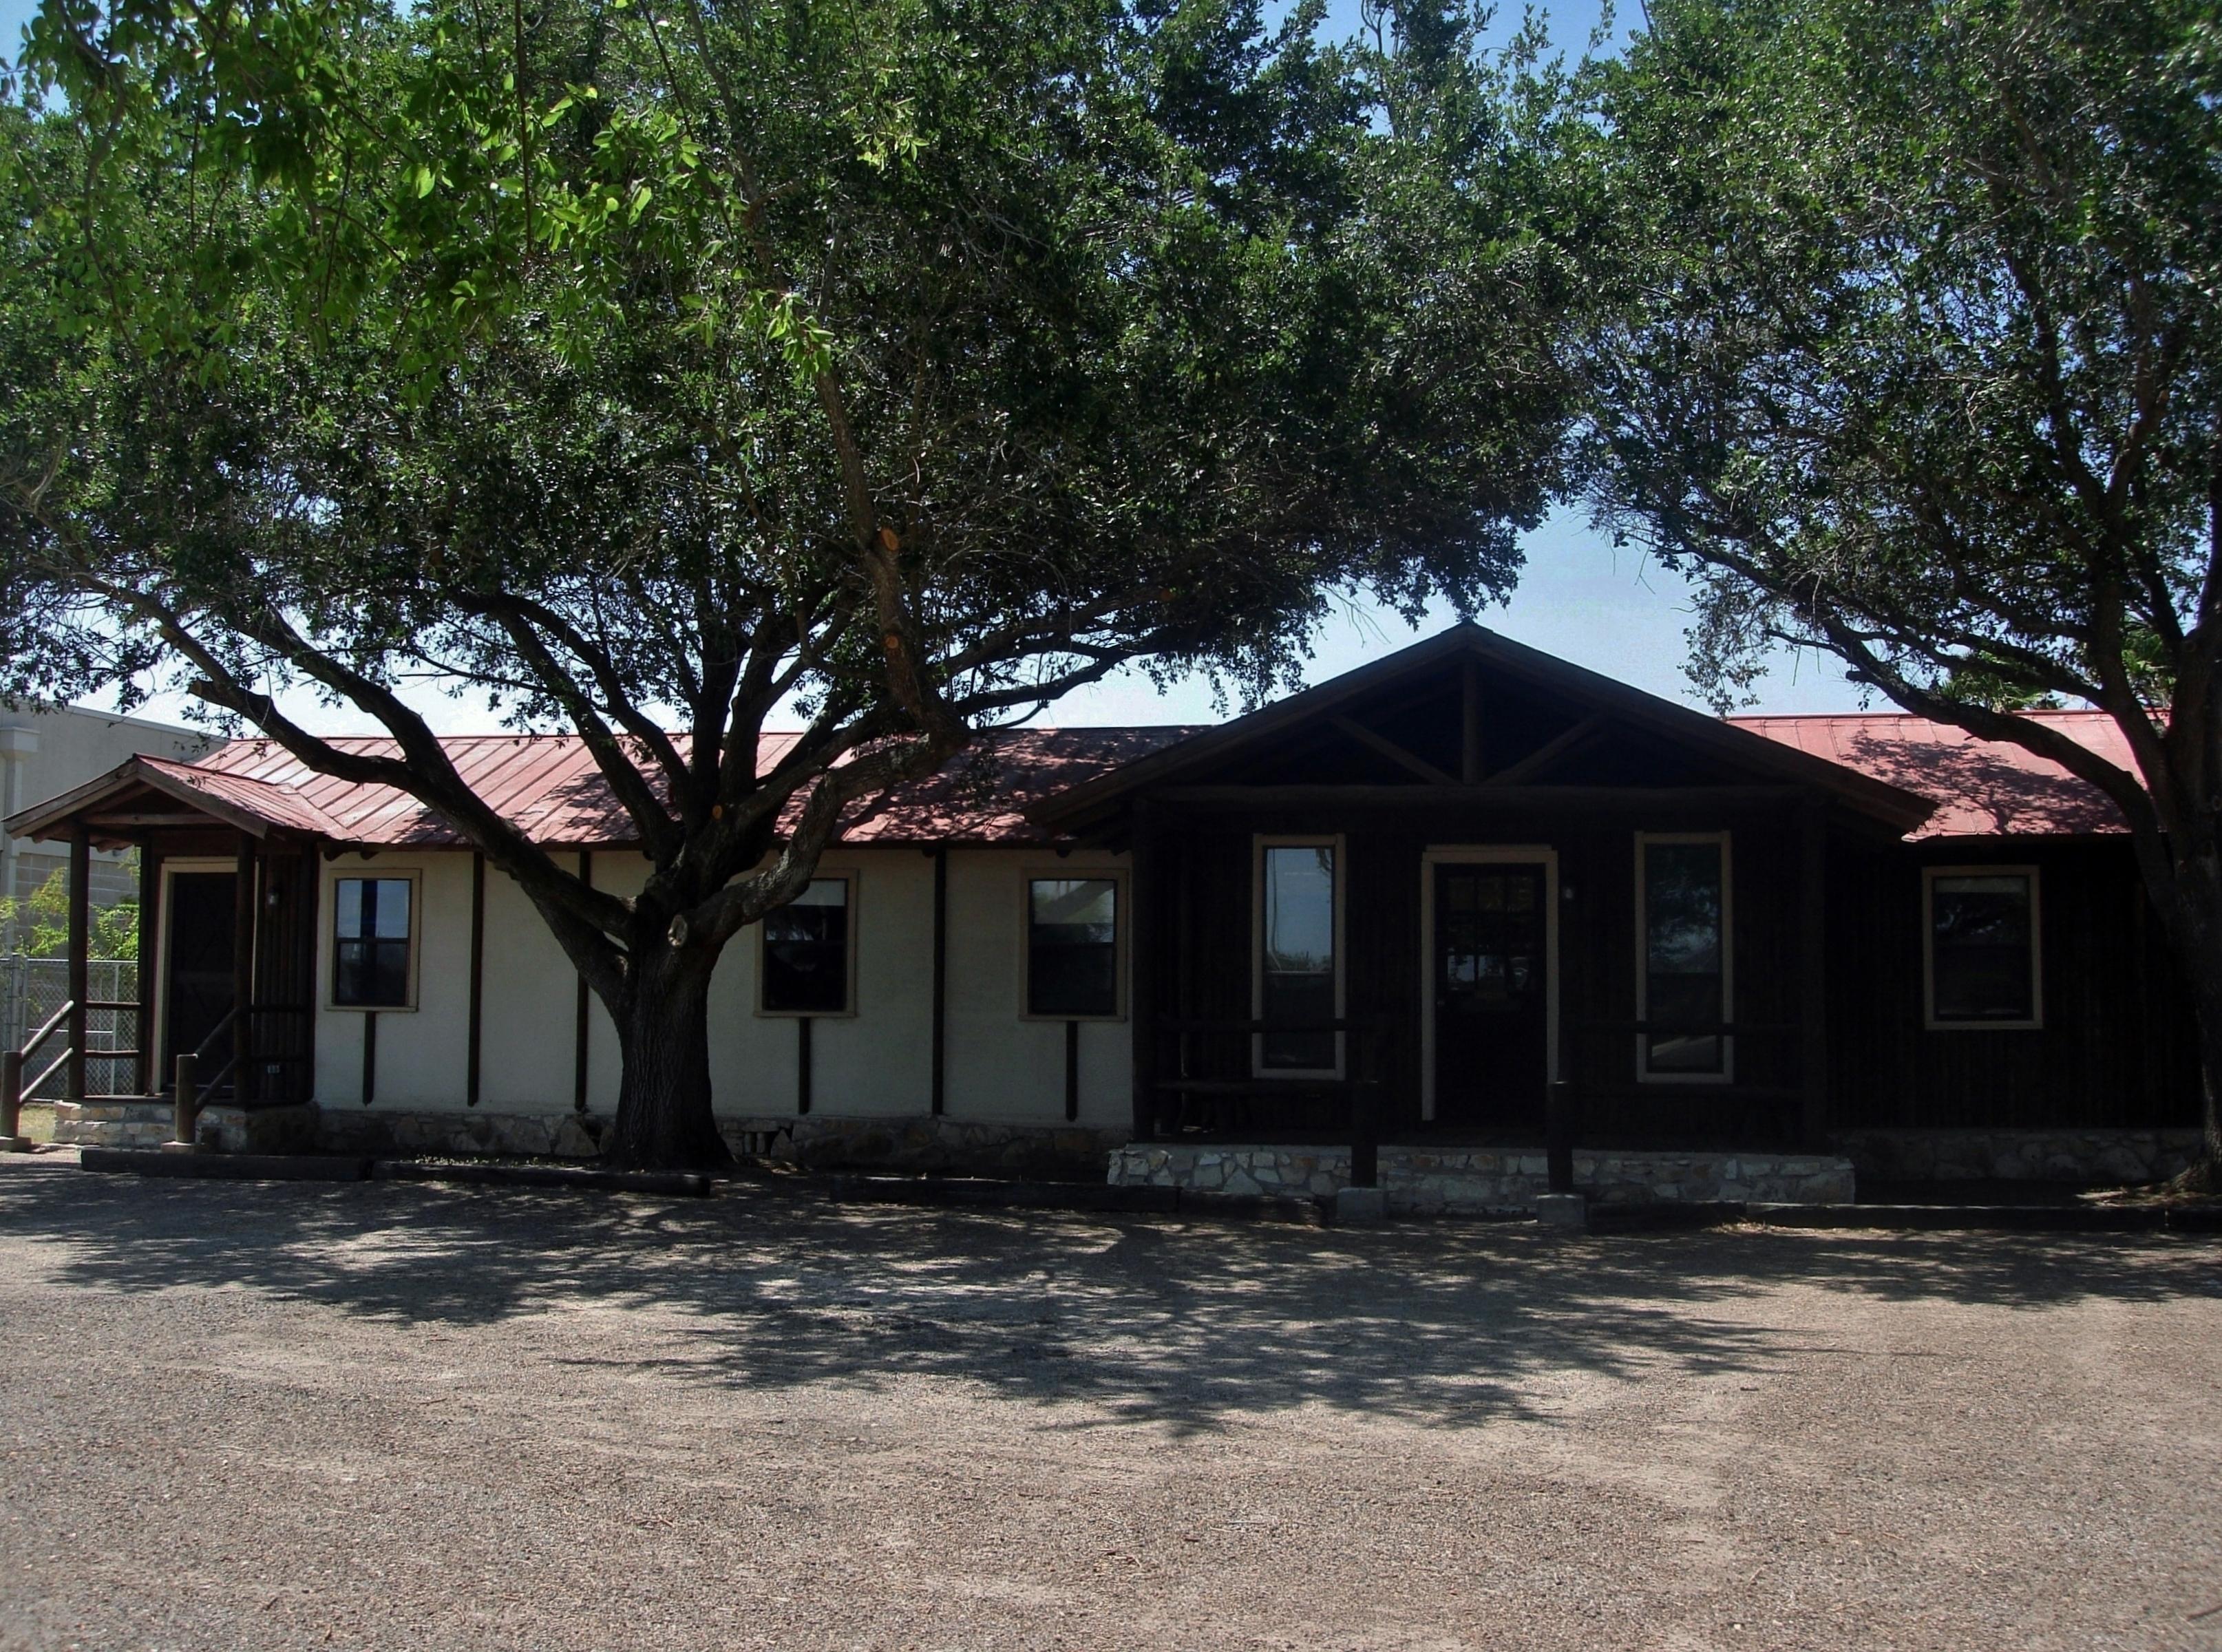 888 FM 3168, Raymondville, Texas 78580